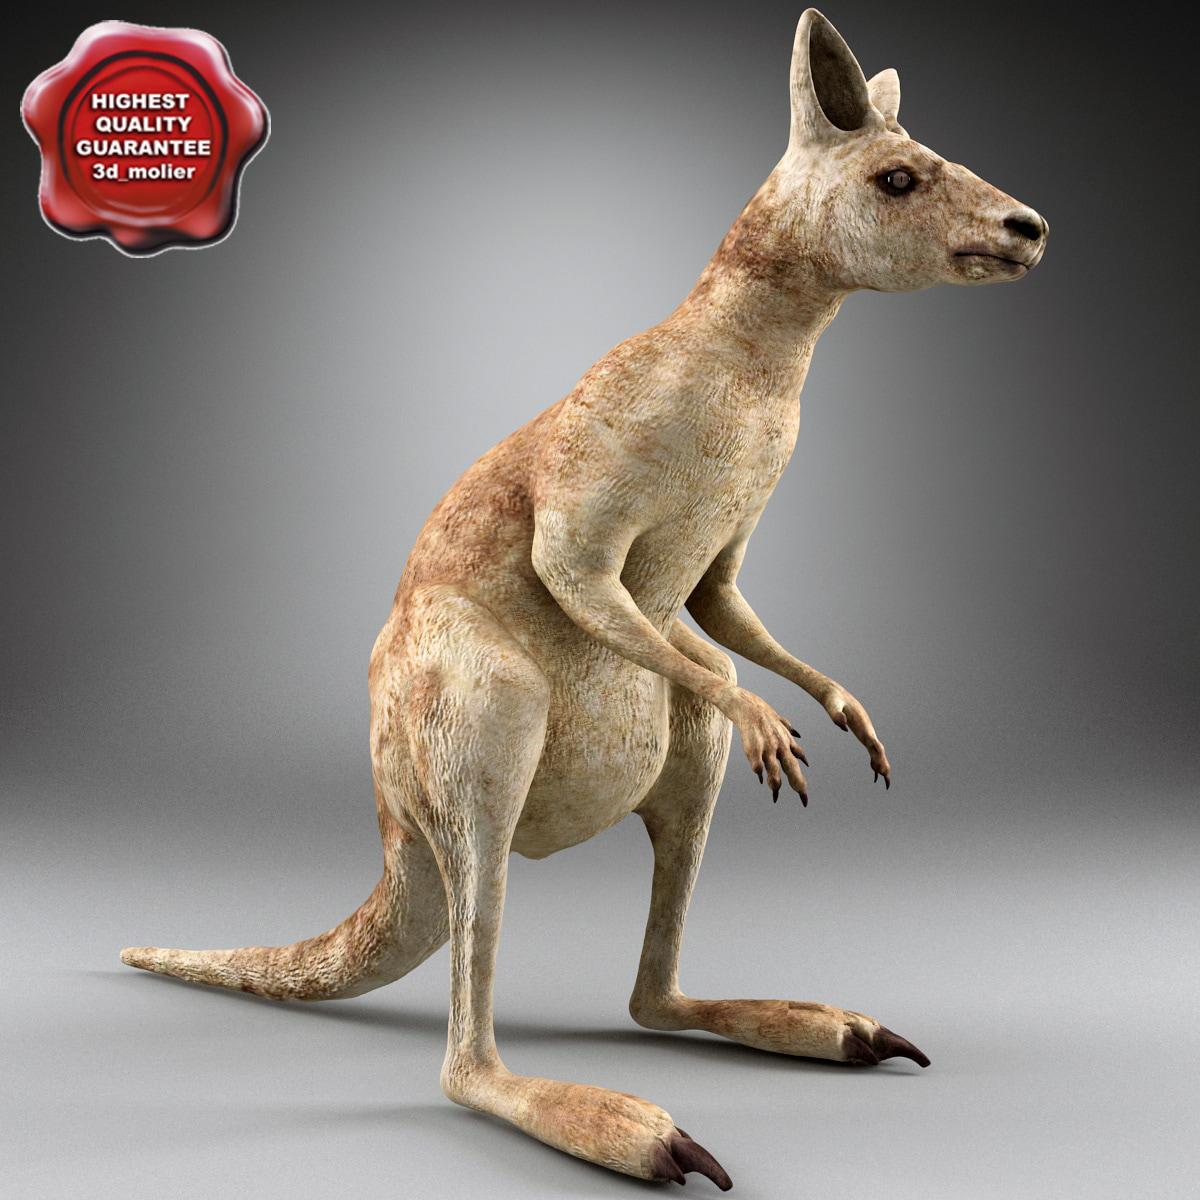 3d kangaroo modelled model